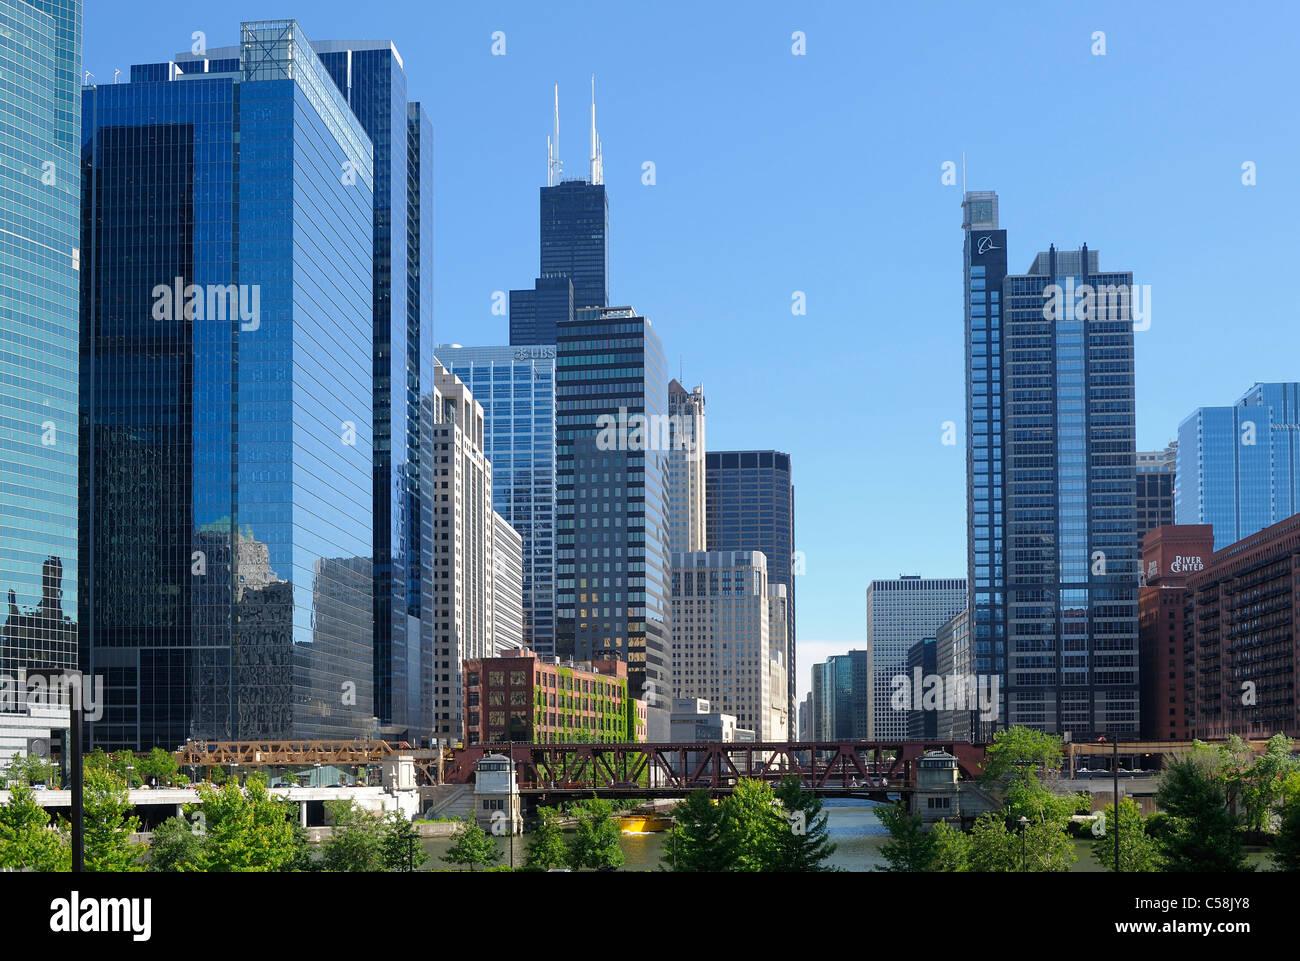 Pont, Rivière Chicago Downtown, Chicago, Illinois, USA, United States, Amérique du Nord, ville, Horizon, Photo Stock